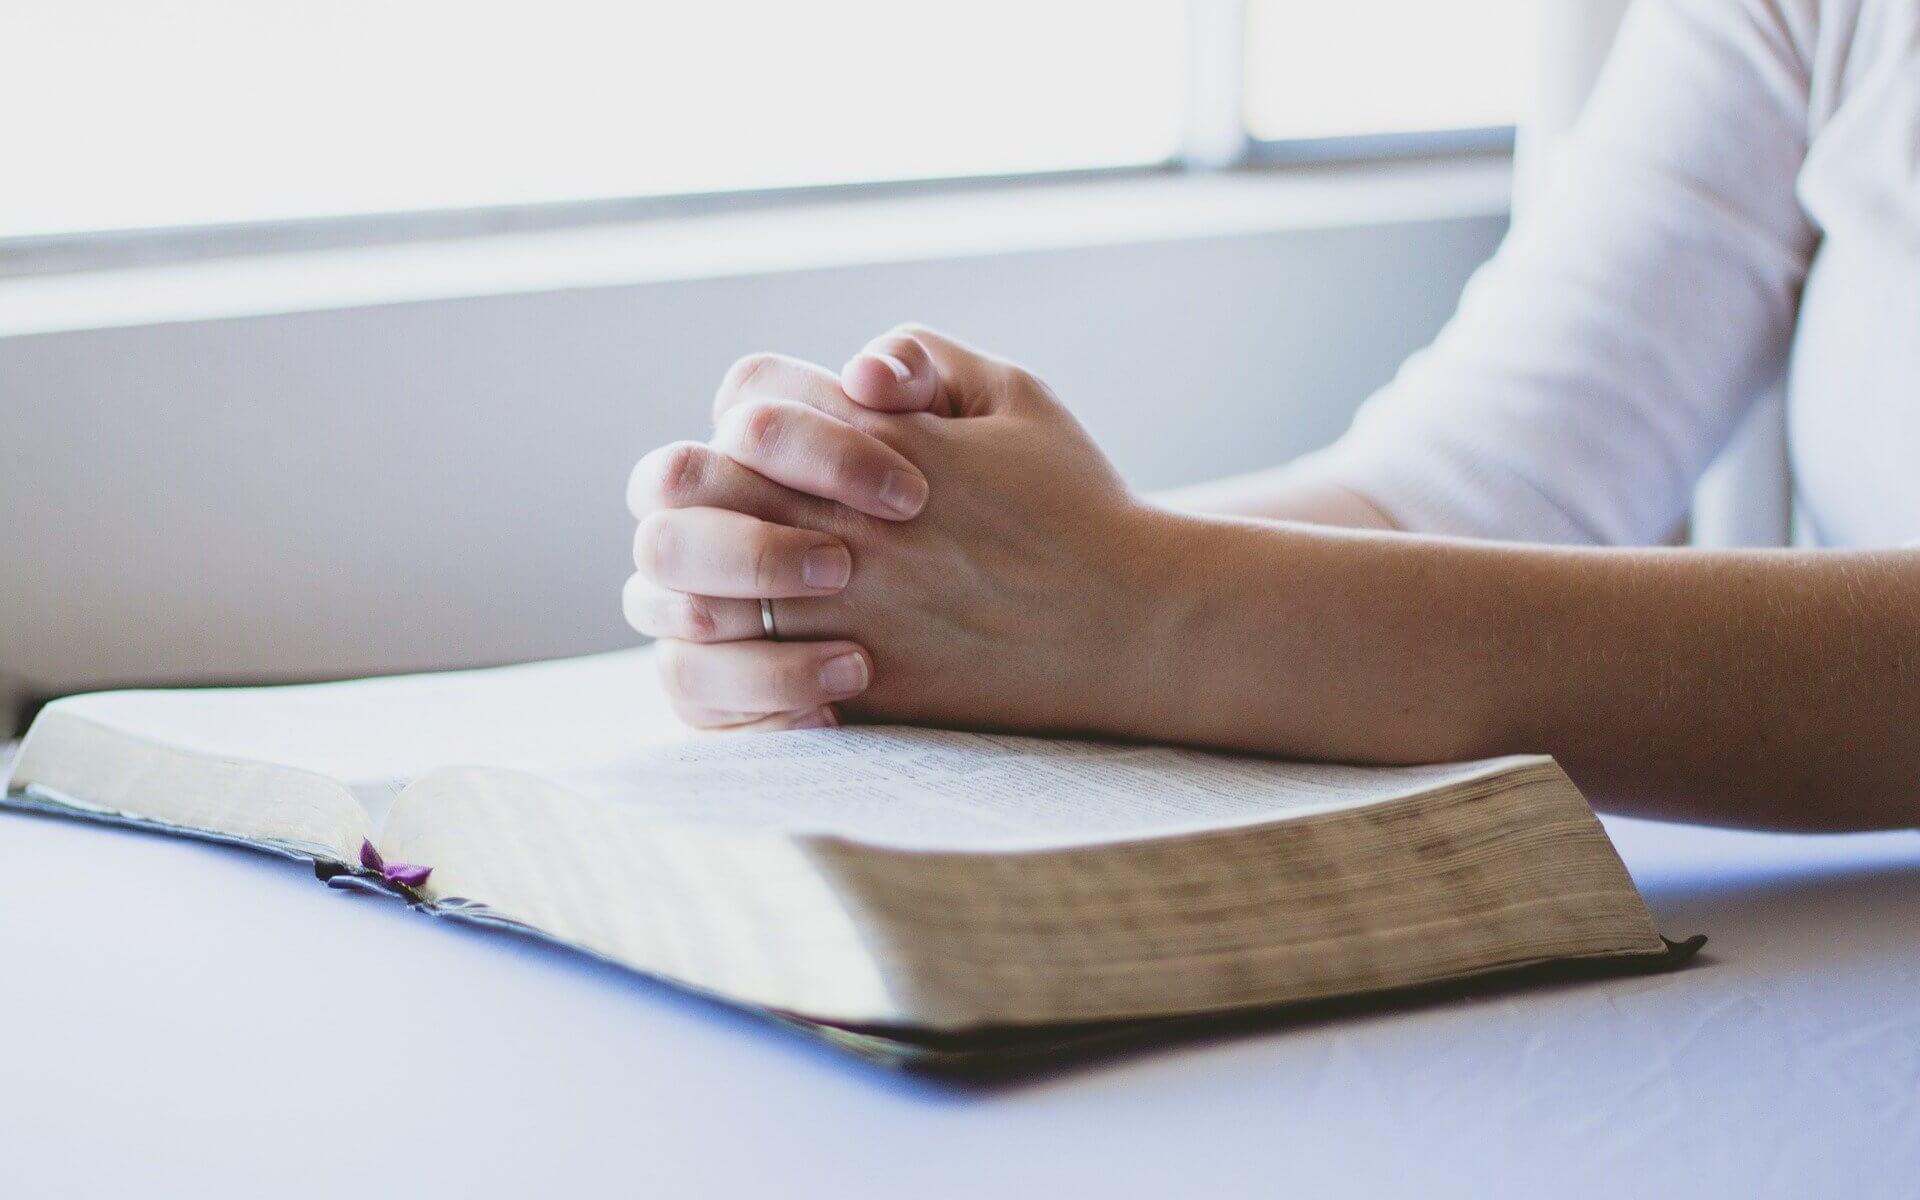 Das Gespräch mit Gott – vom Beten (c) Pixabay